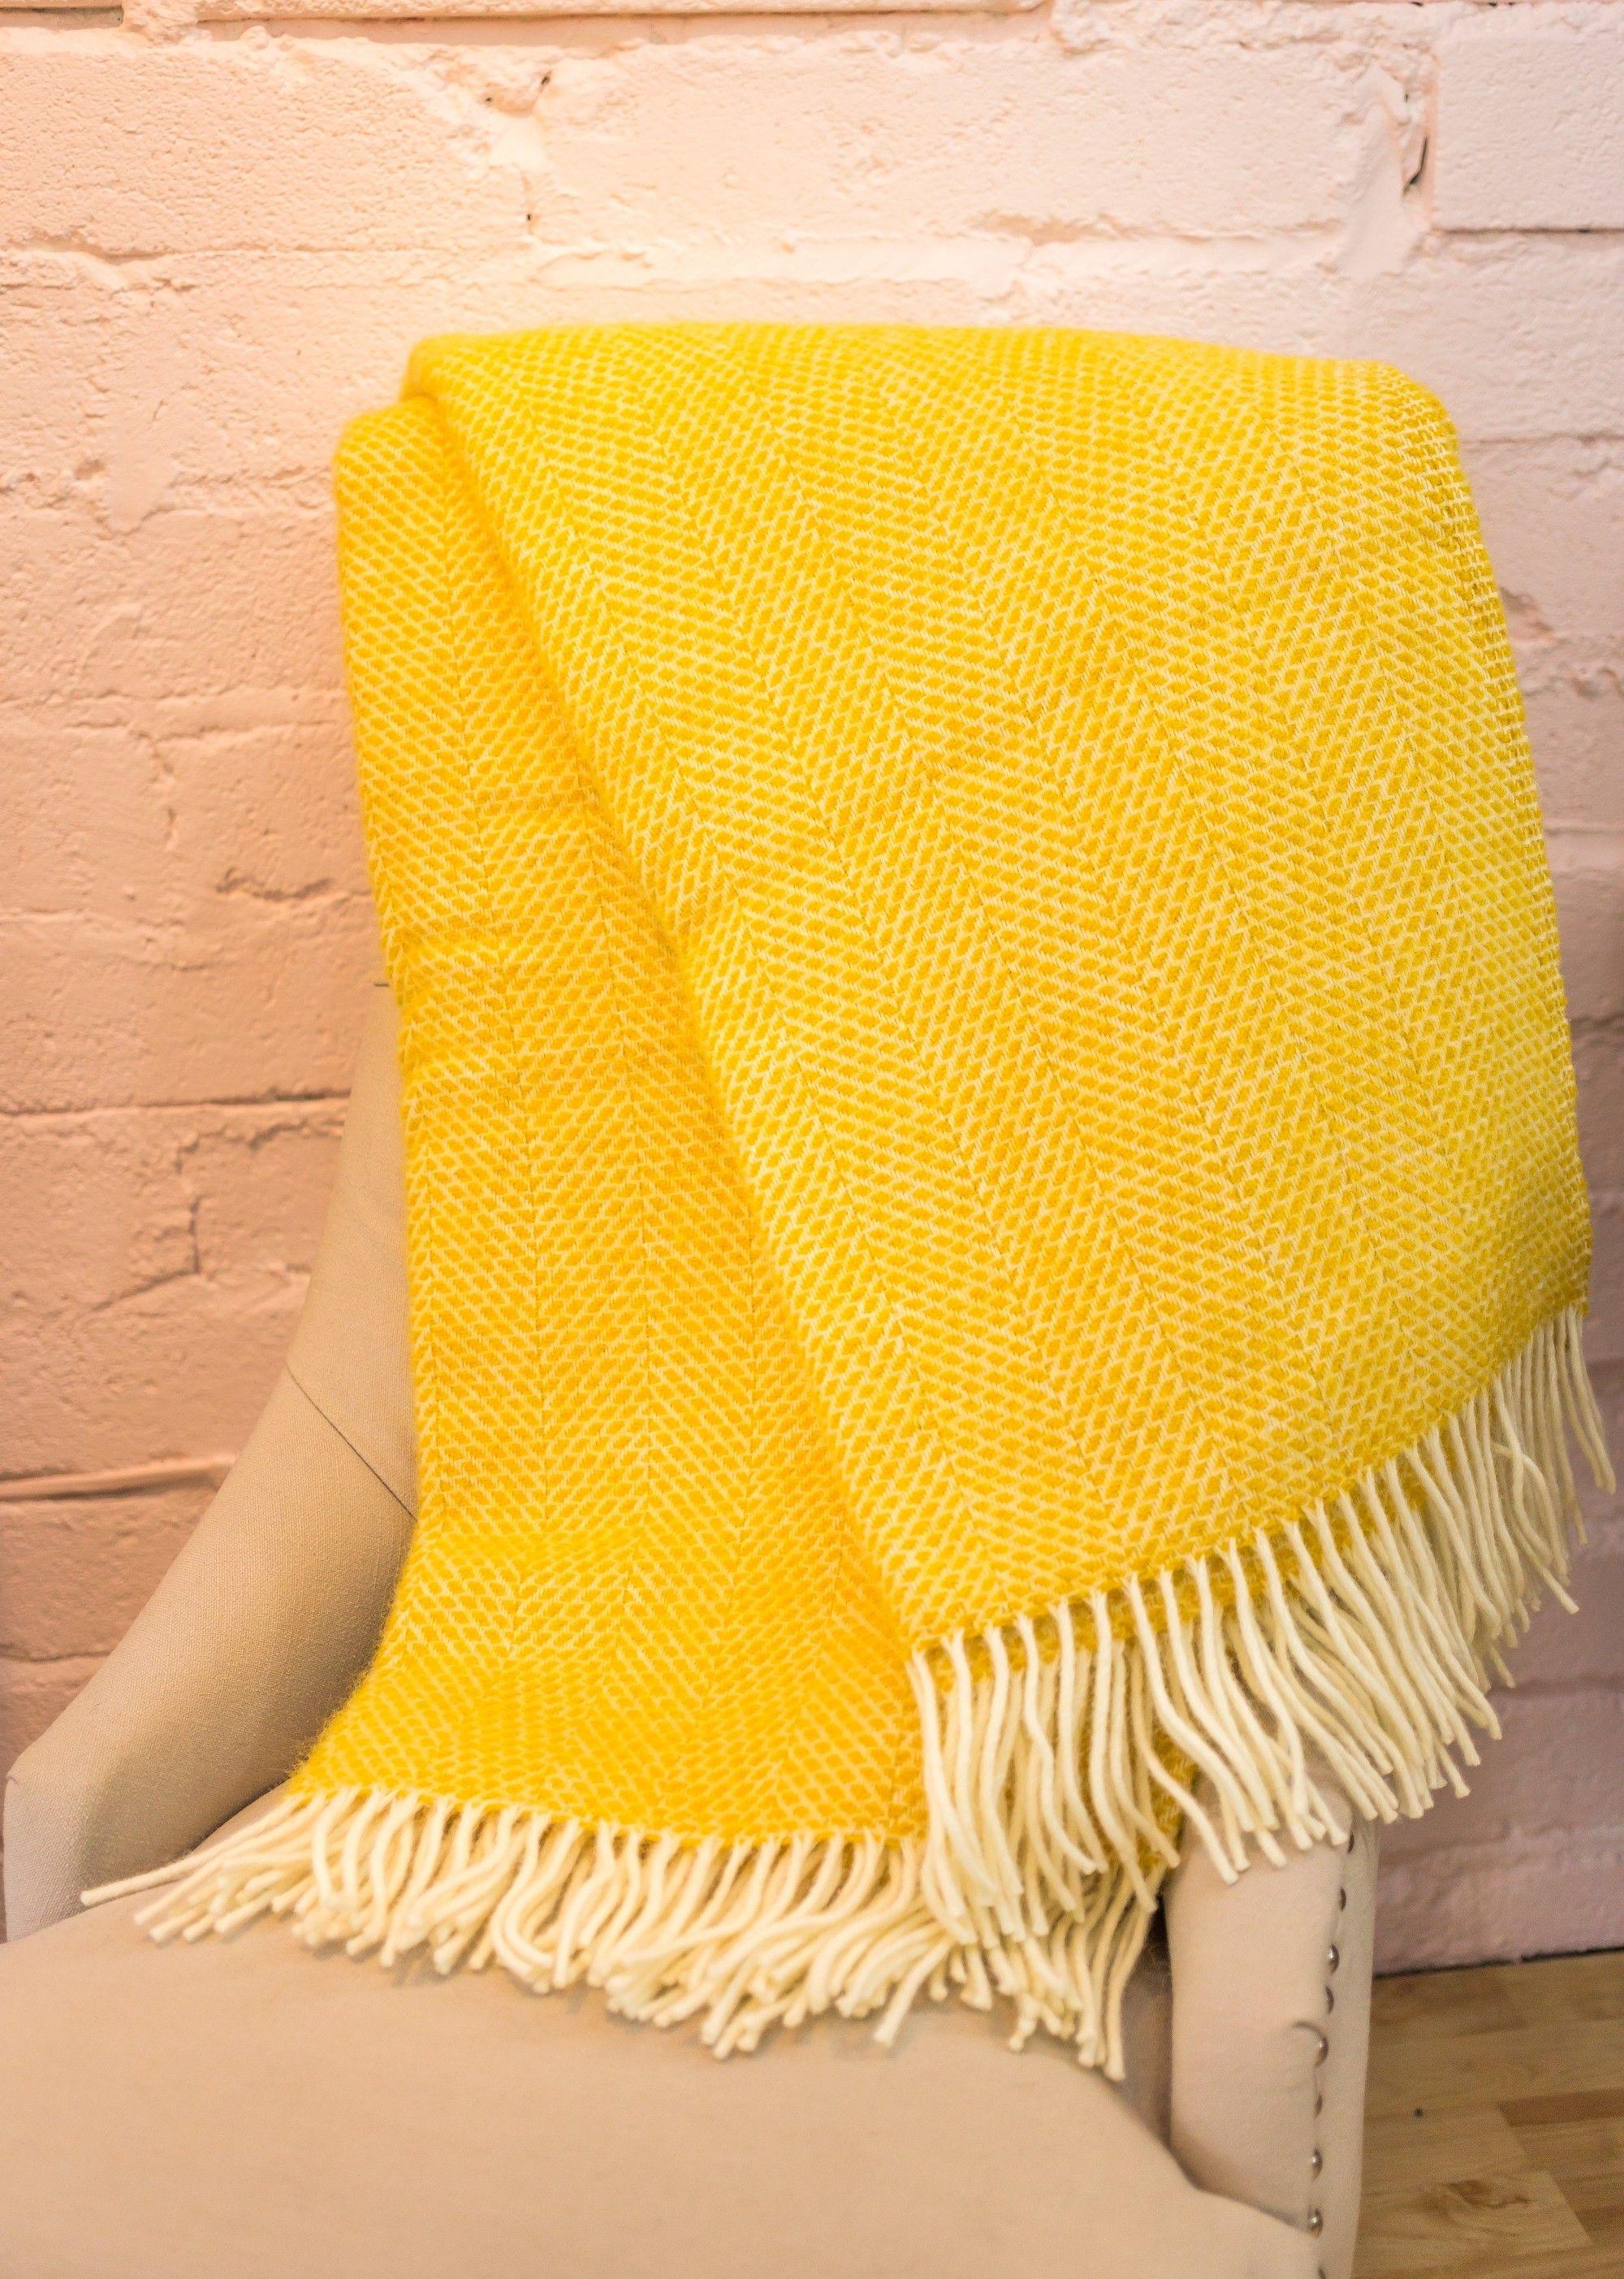 Bestselling mustardy yellow beehive wool tweedmill blanket bedroom